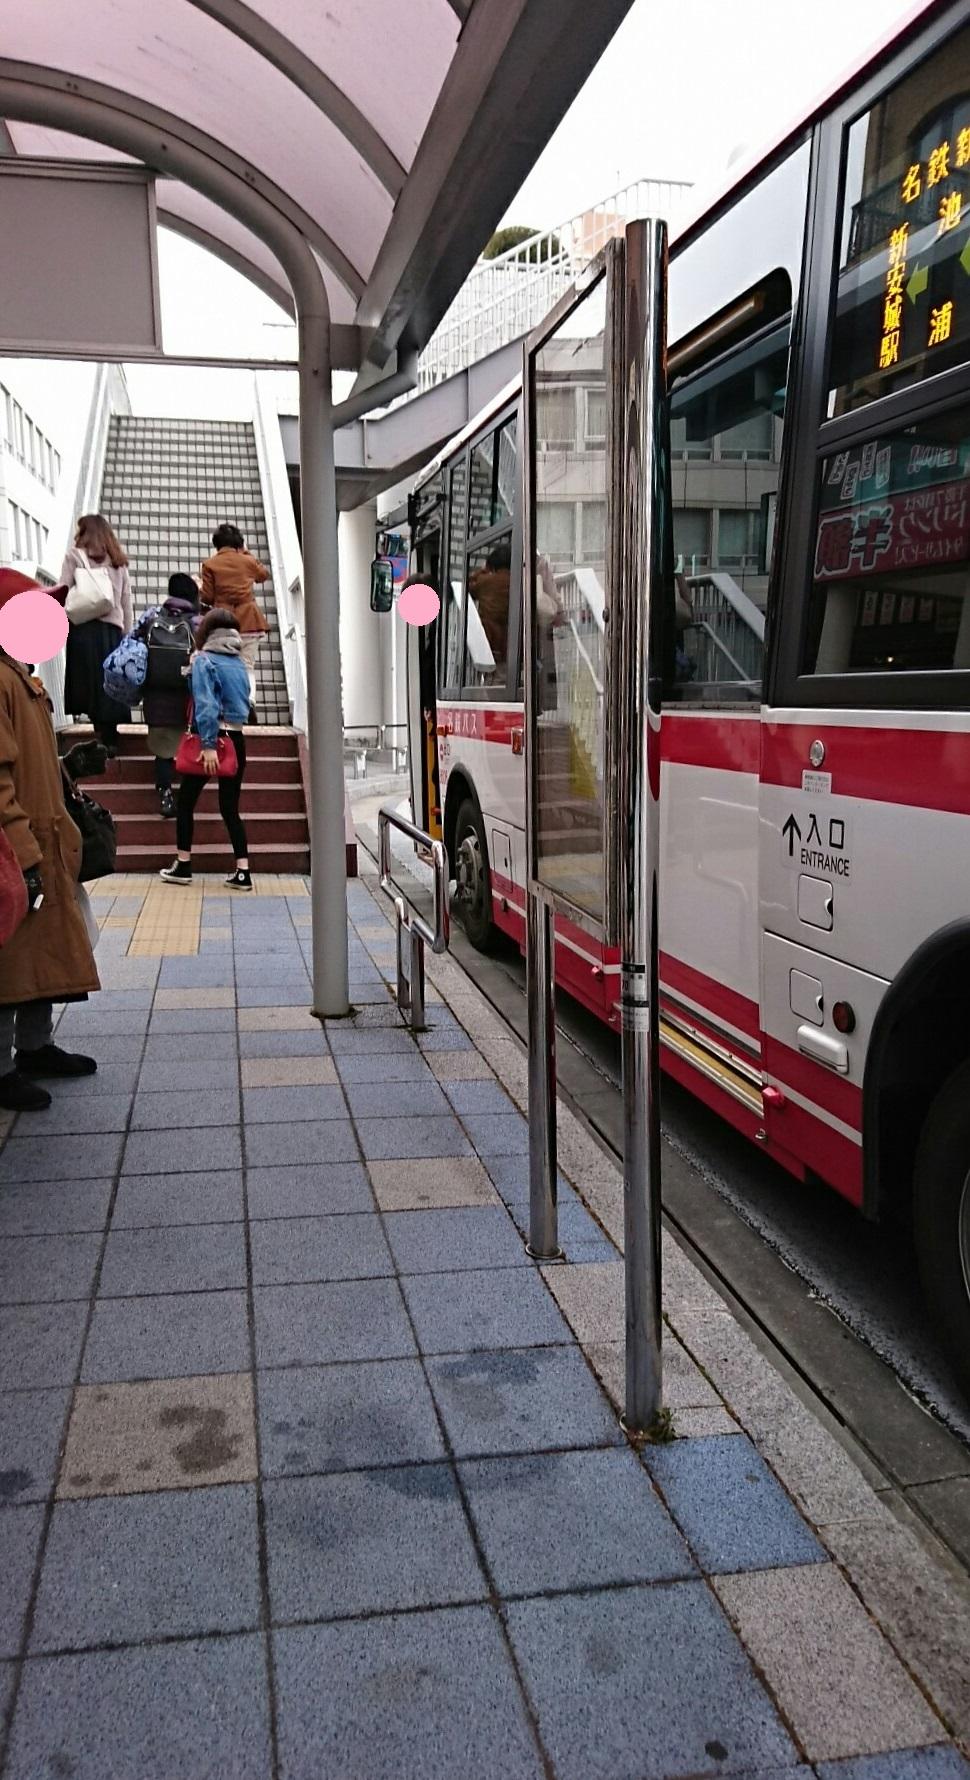 2018.2.24 アンフォーレ (9) JRあんじょうえき - 名鉄バス 970-1780